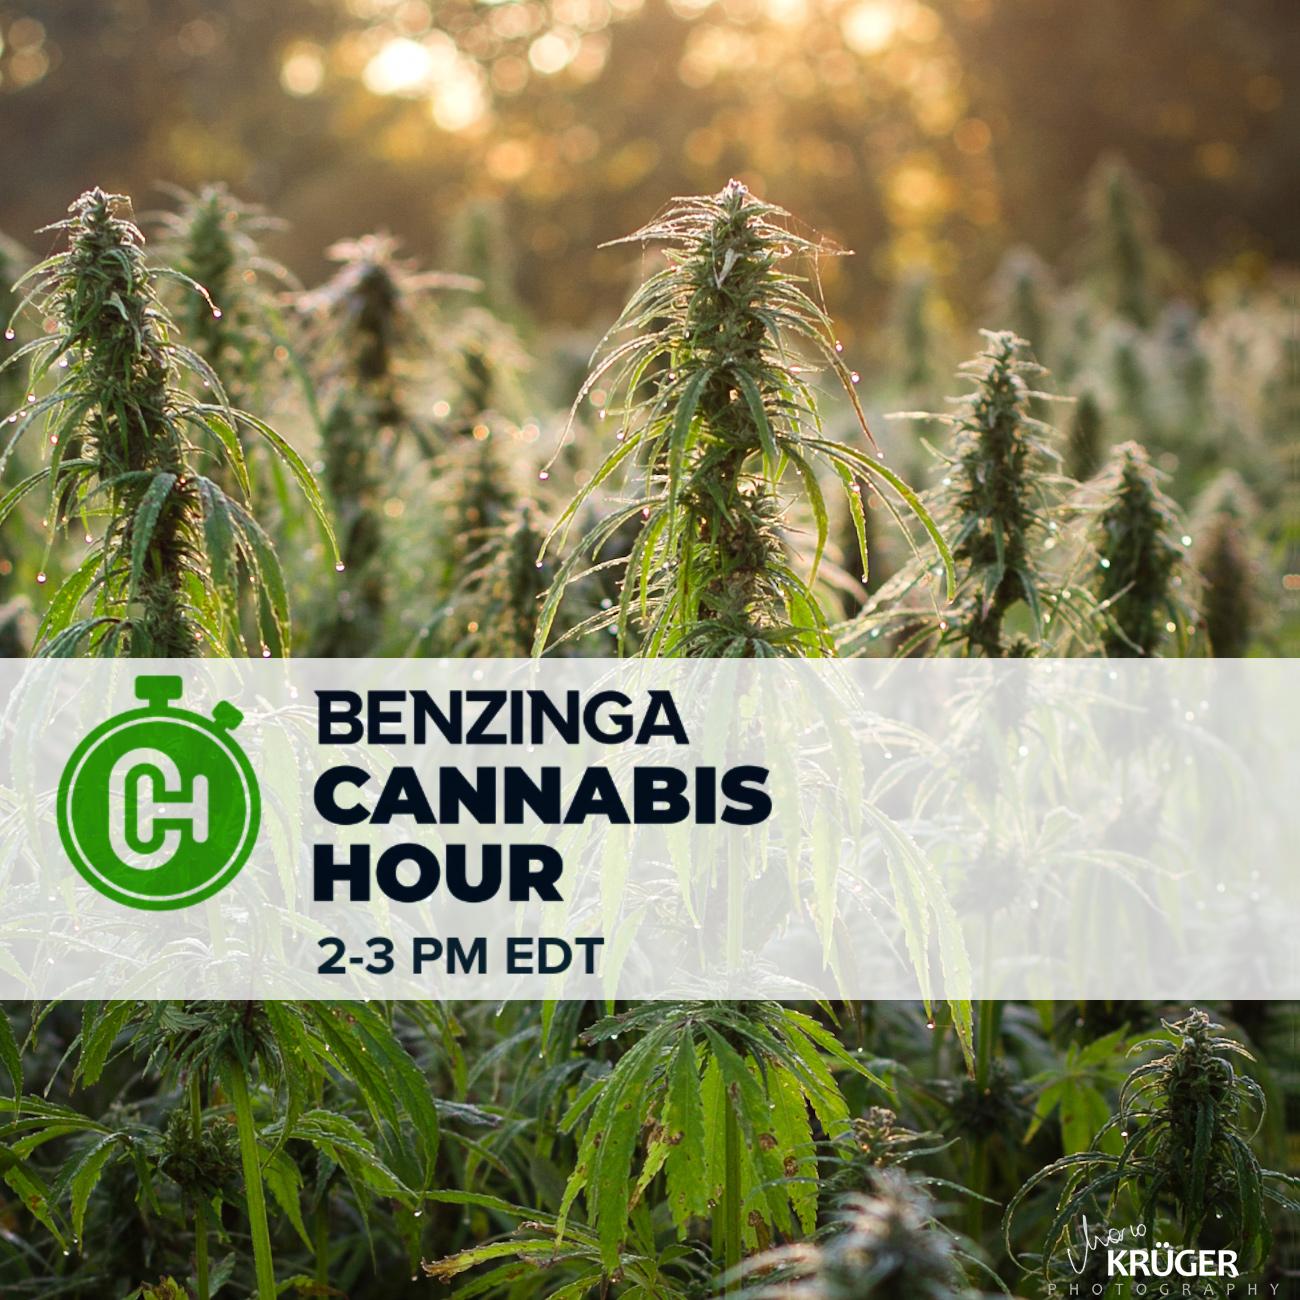 Benzinga Cannabis Happy Hour Thursdays